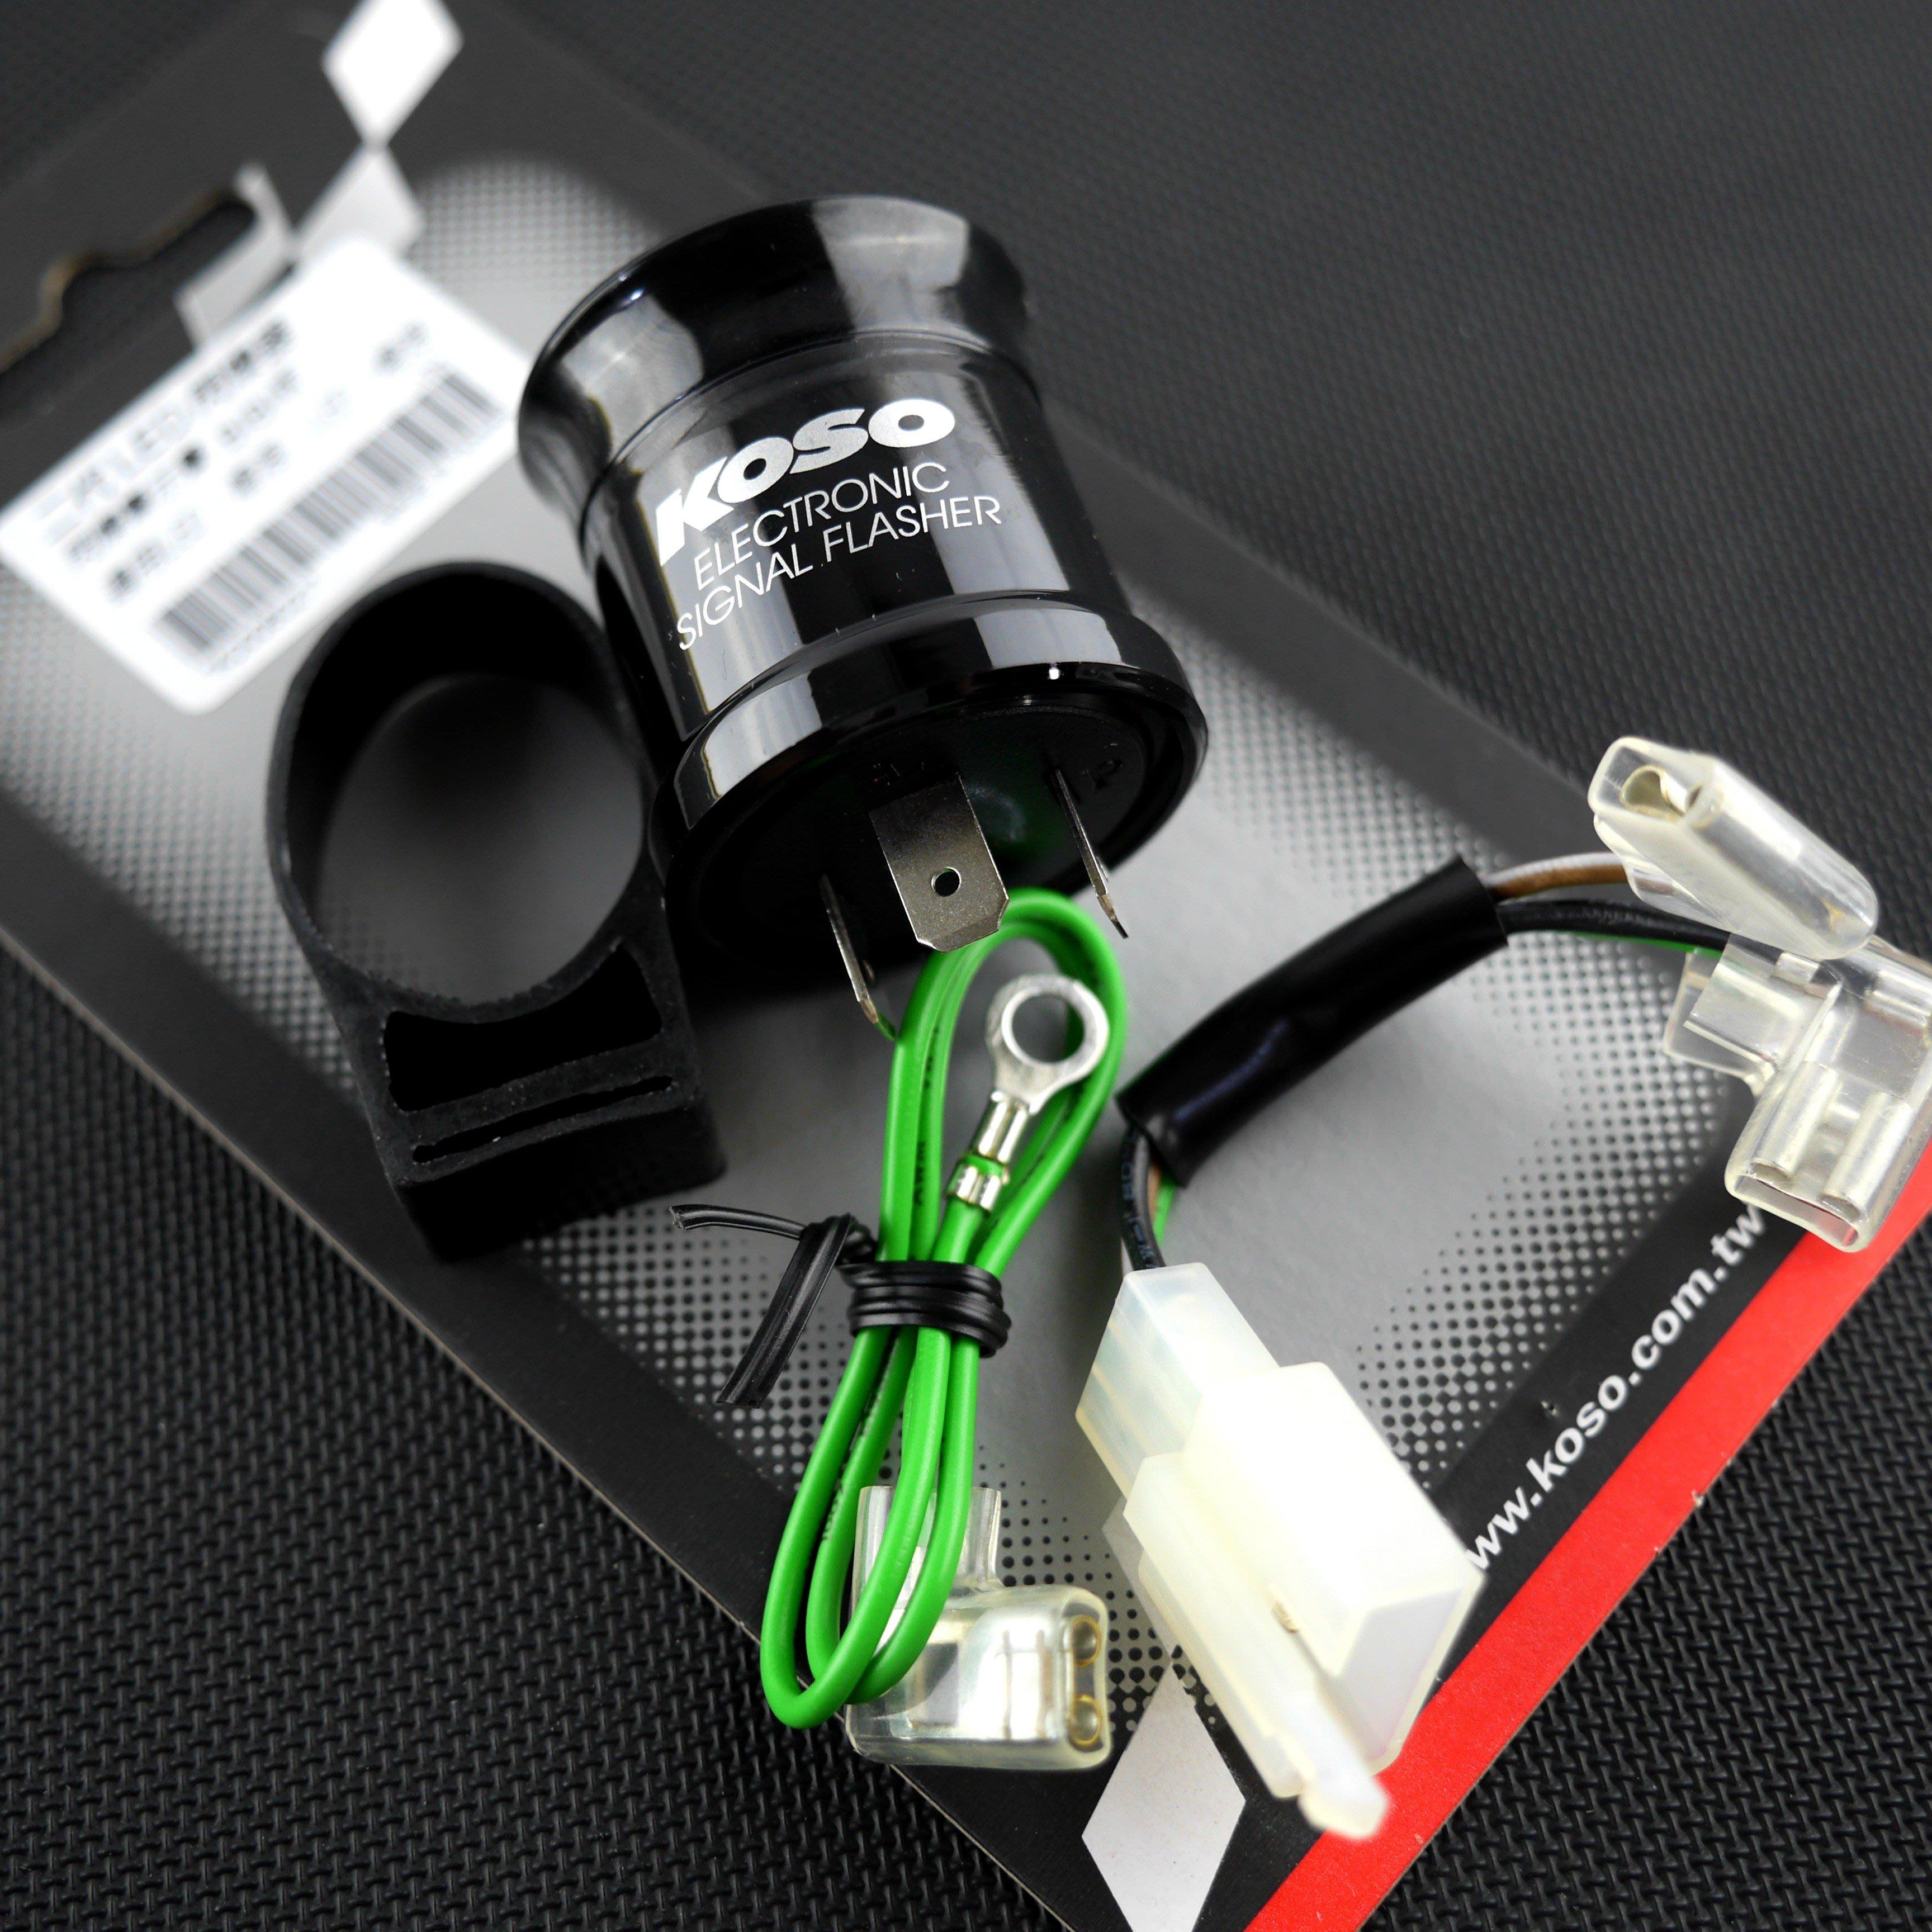 皮斯摩特 KOSO 二代 閃爍器  繼電器 LED 方向燈 繼電器 閃爍器 勁戰 雷霆 FORCE 答答聲/逼逼聲